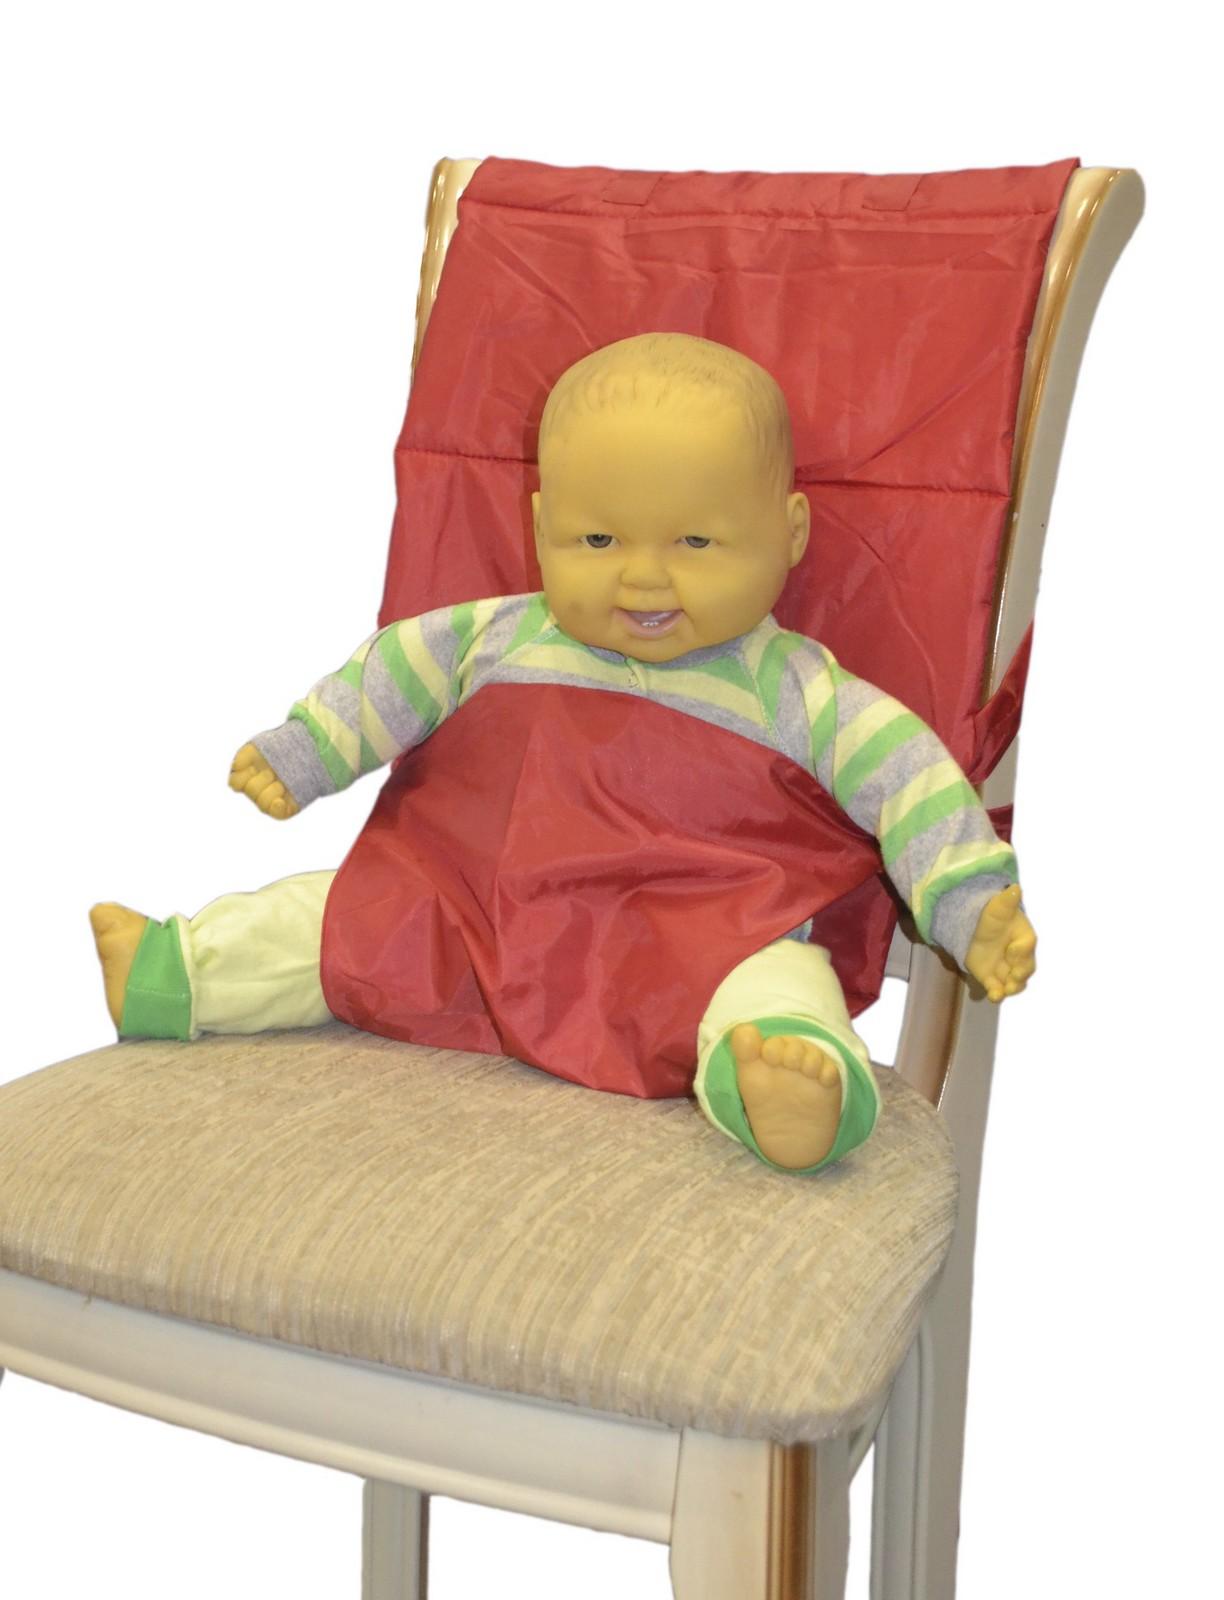 Мобильный стульчик для кормления, красный для кормления ребенка на улице